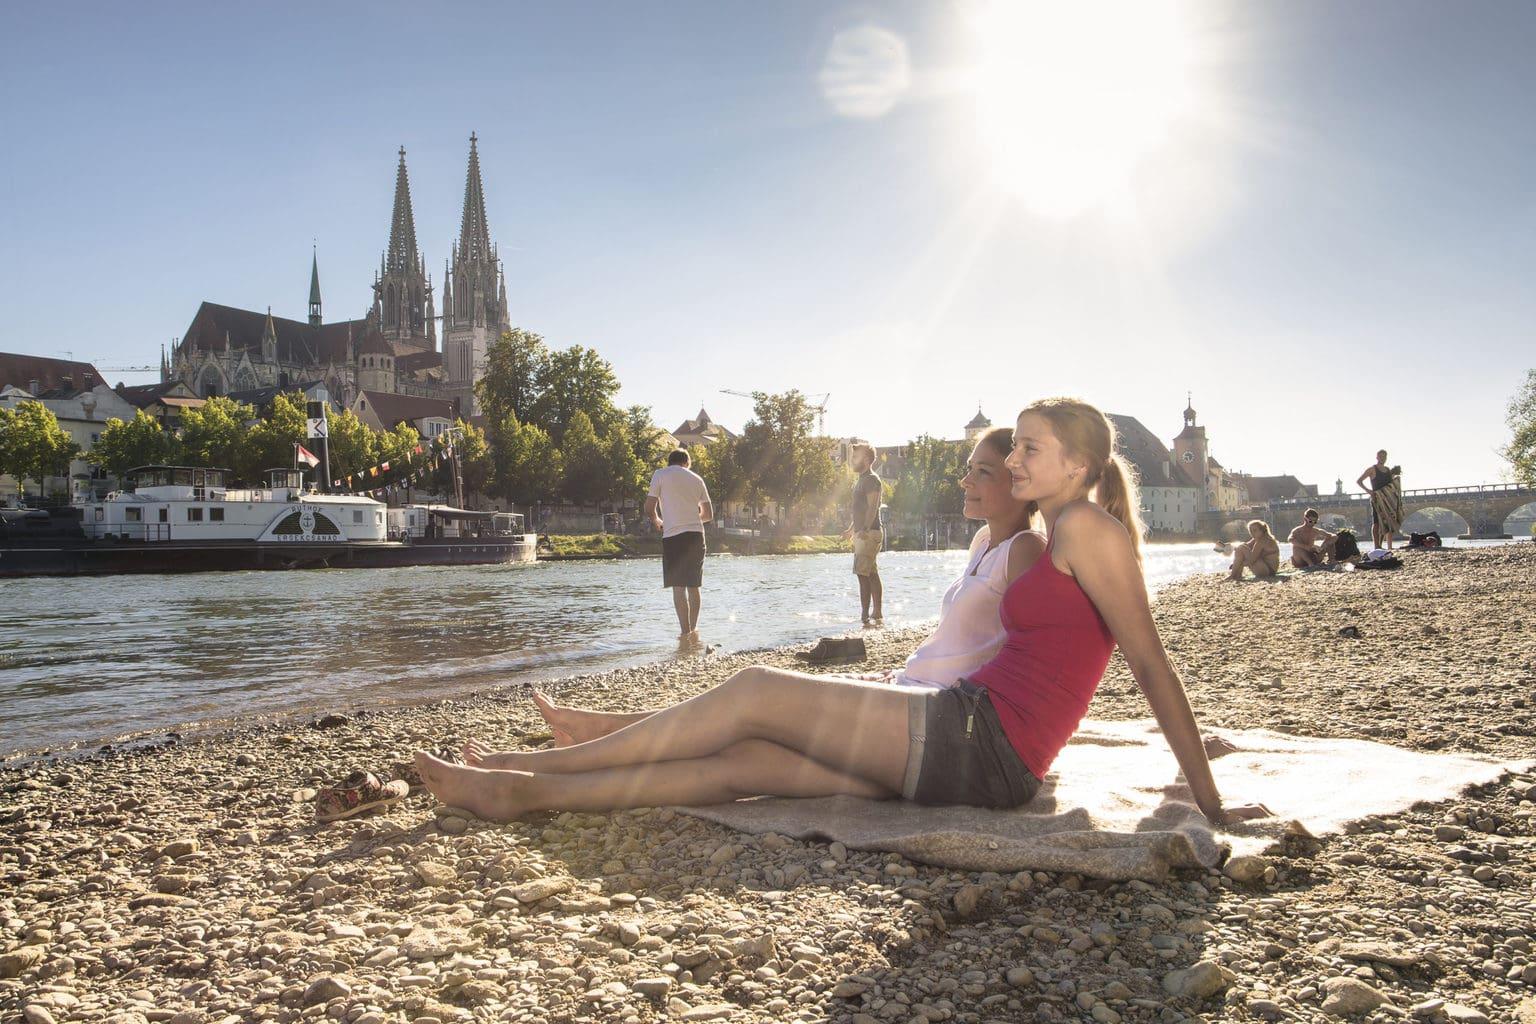 Twee dames vermaken zich aan de Donaubank in Regensburg